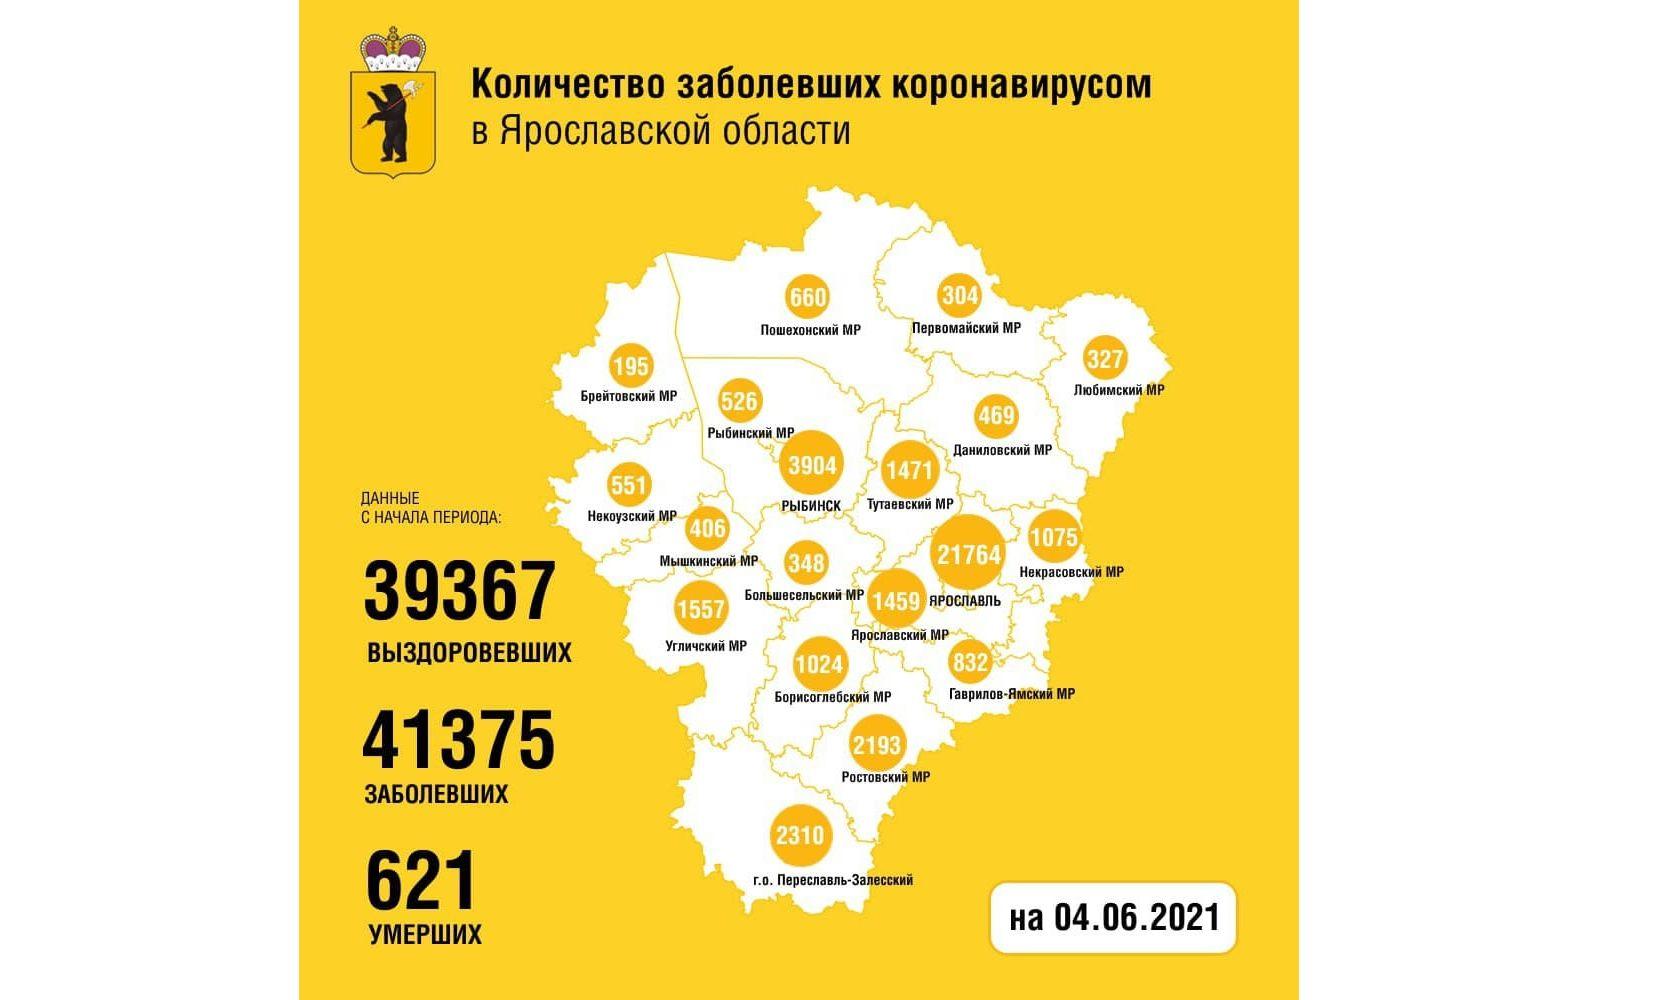 В Ярославской области за сутки выявили 80 новых случаев заболевания коронавирусом, двое скончались